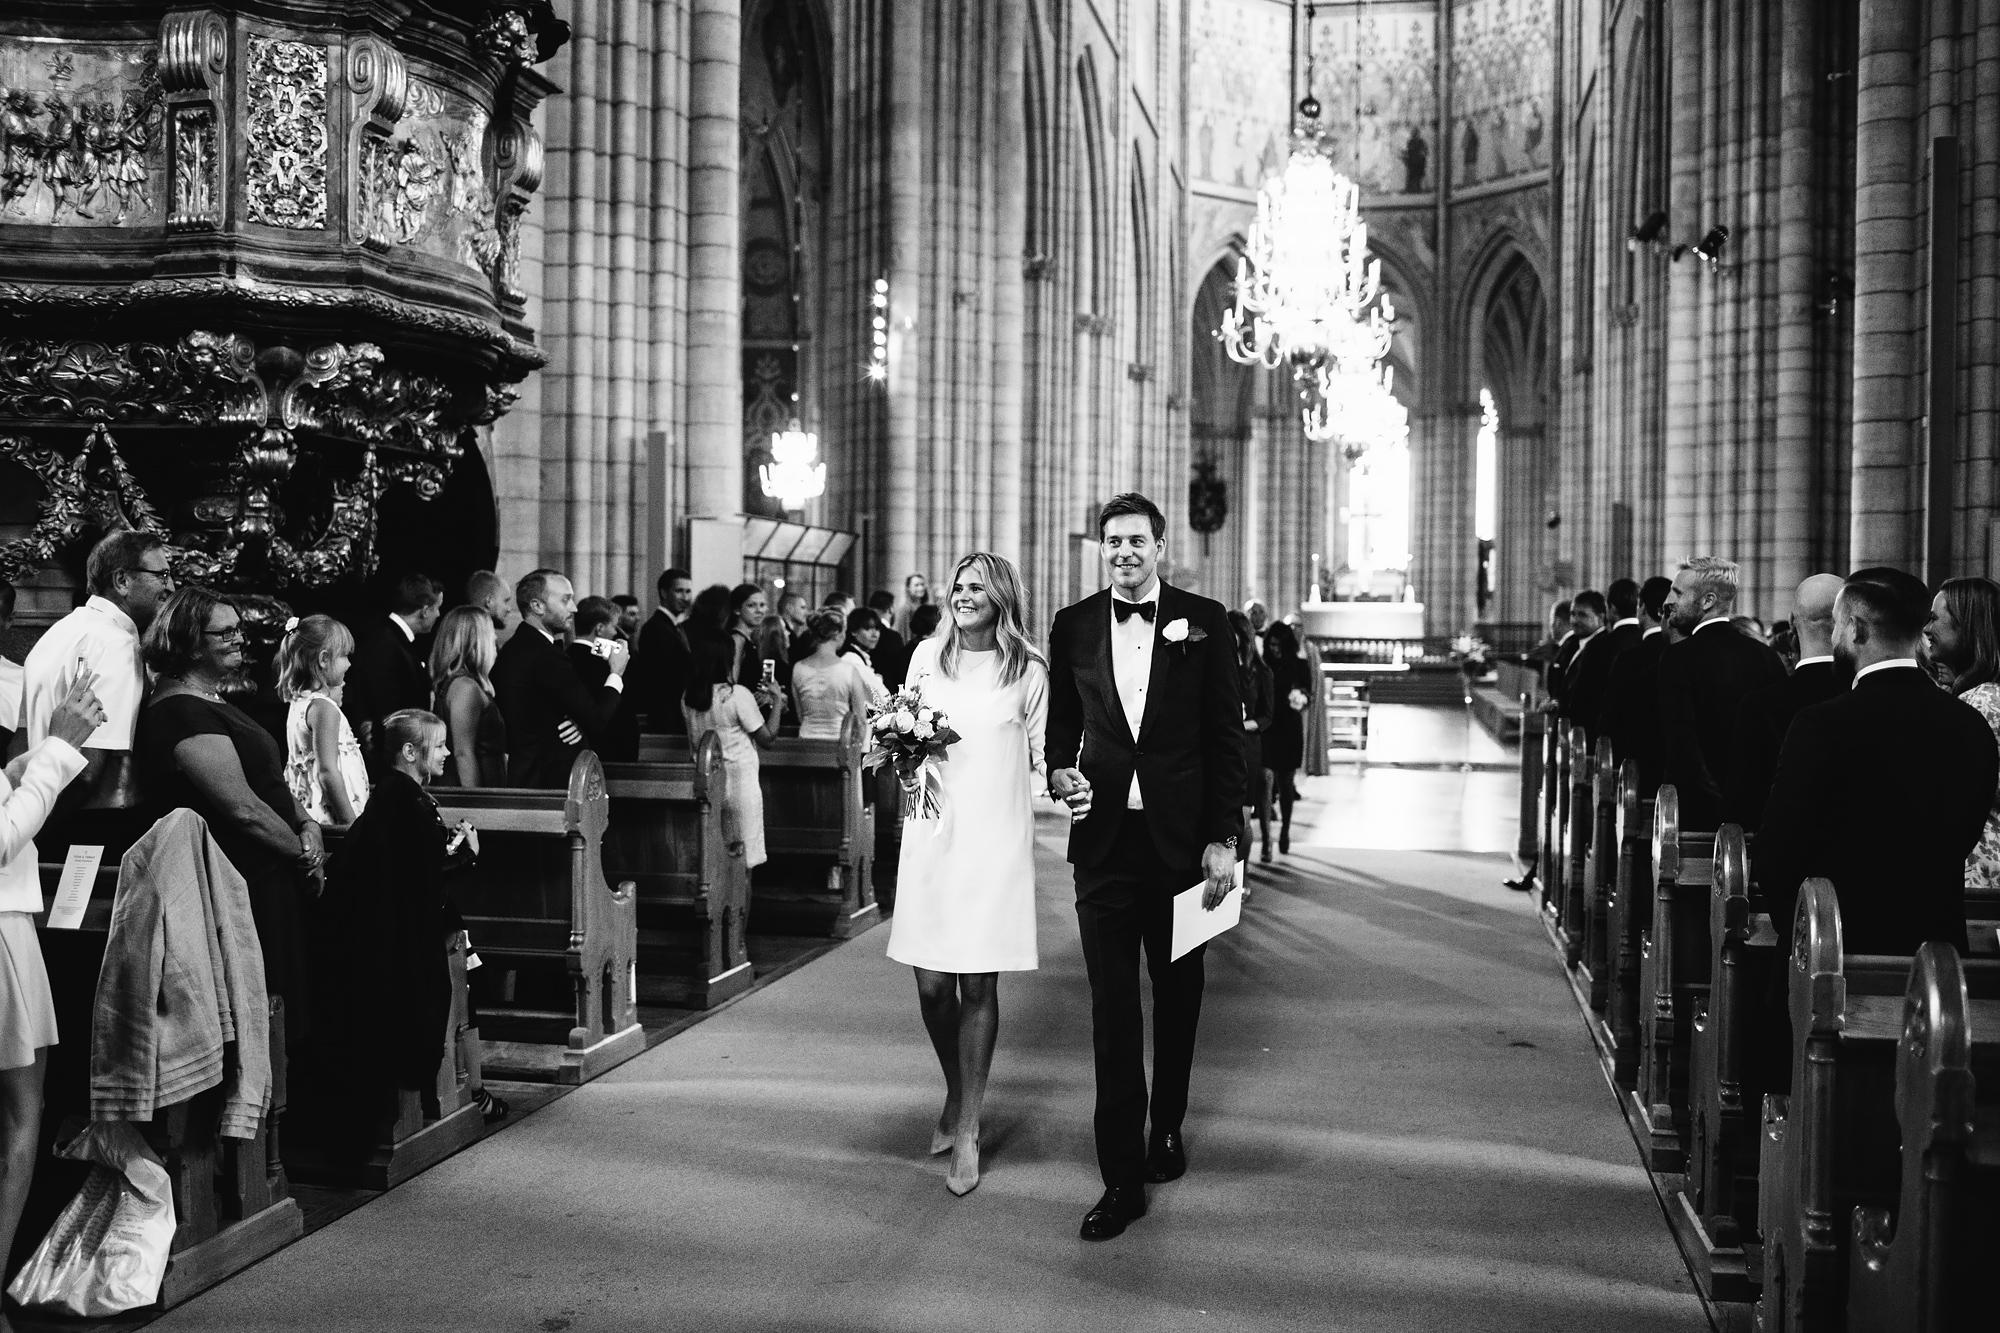 brudparet går ut ur kyrkan